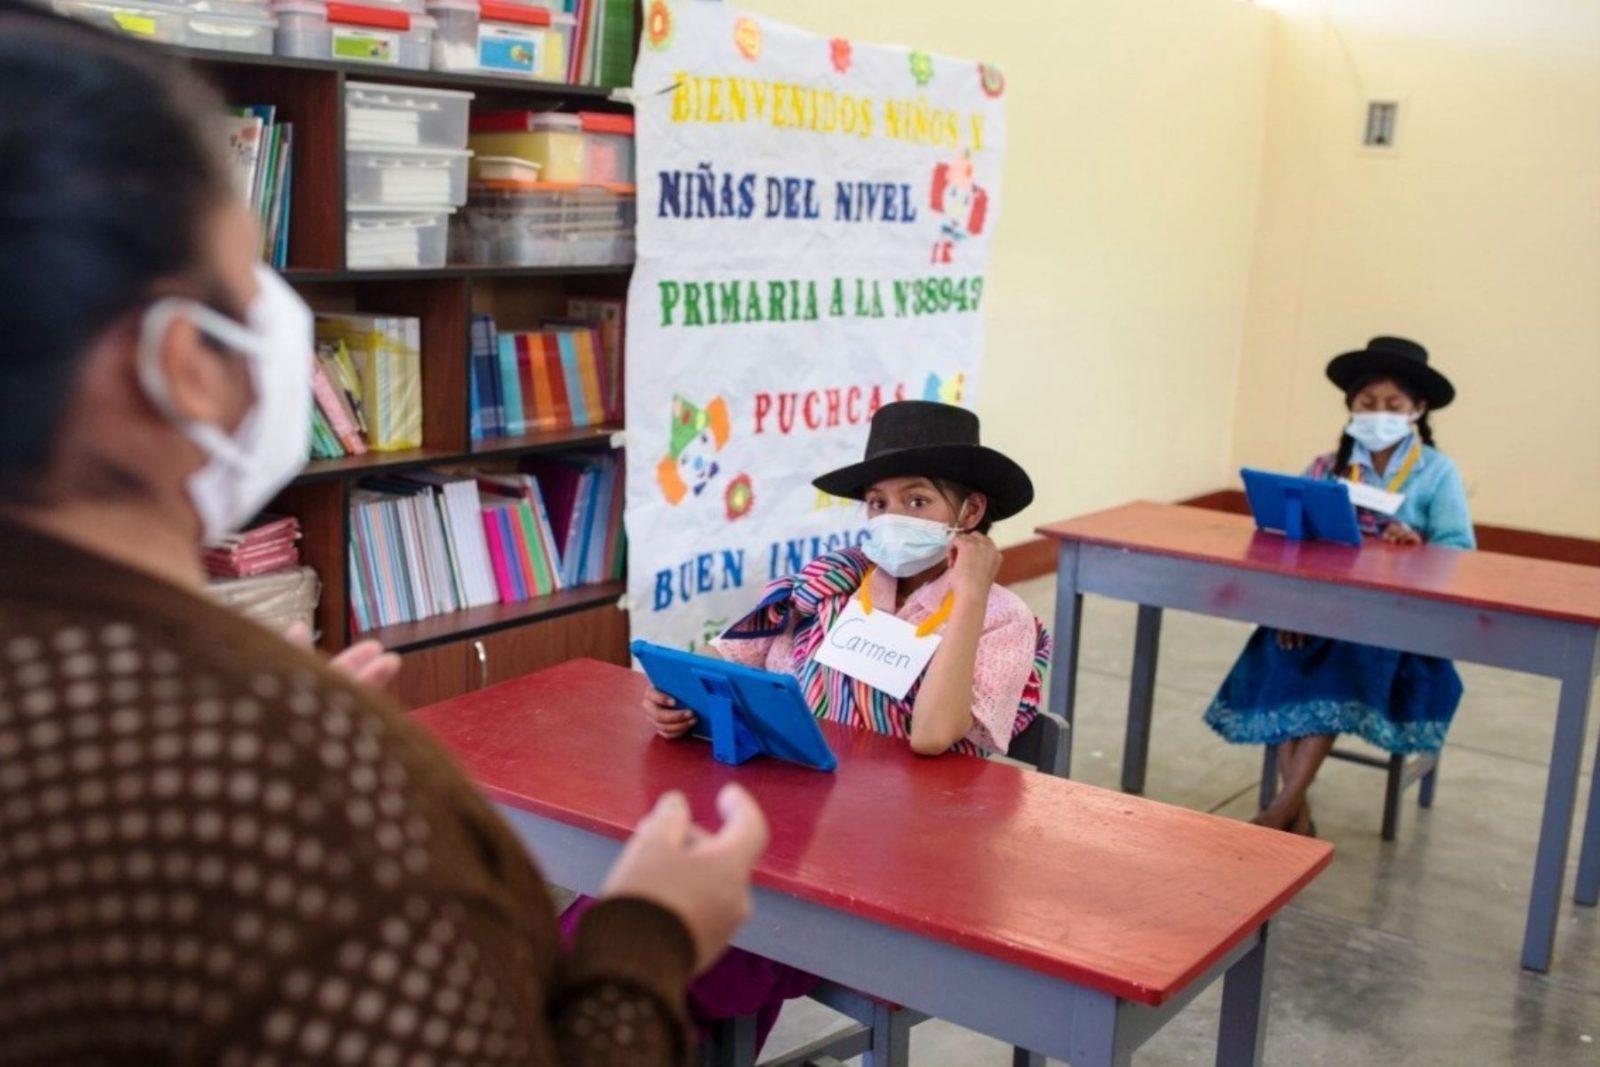 Ministro de Educación busca incrementar sueldo de los docentes